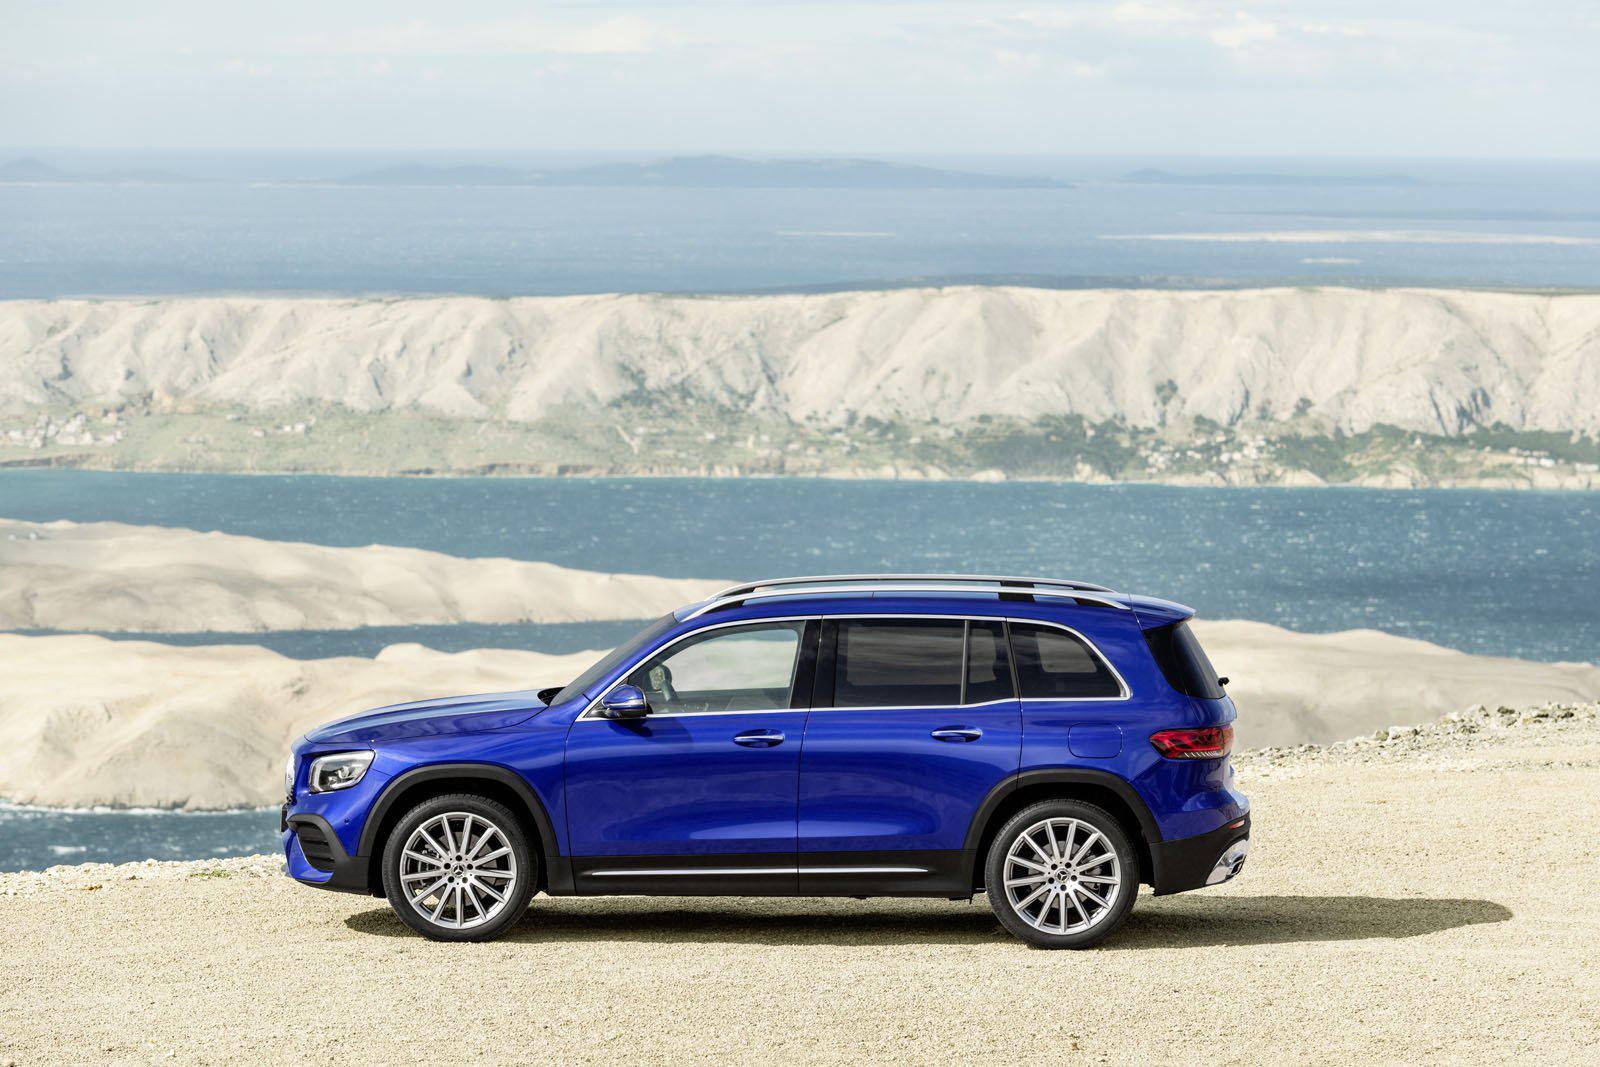 Ngắm trước Mercedes GLB sắp ra mắt với lựa chọn 7 chỗ Ảnh 10